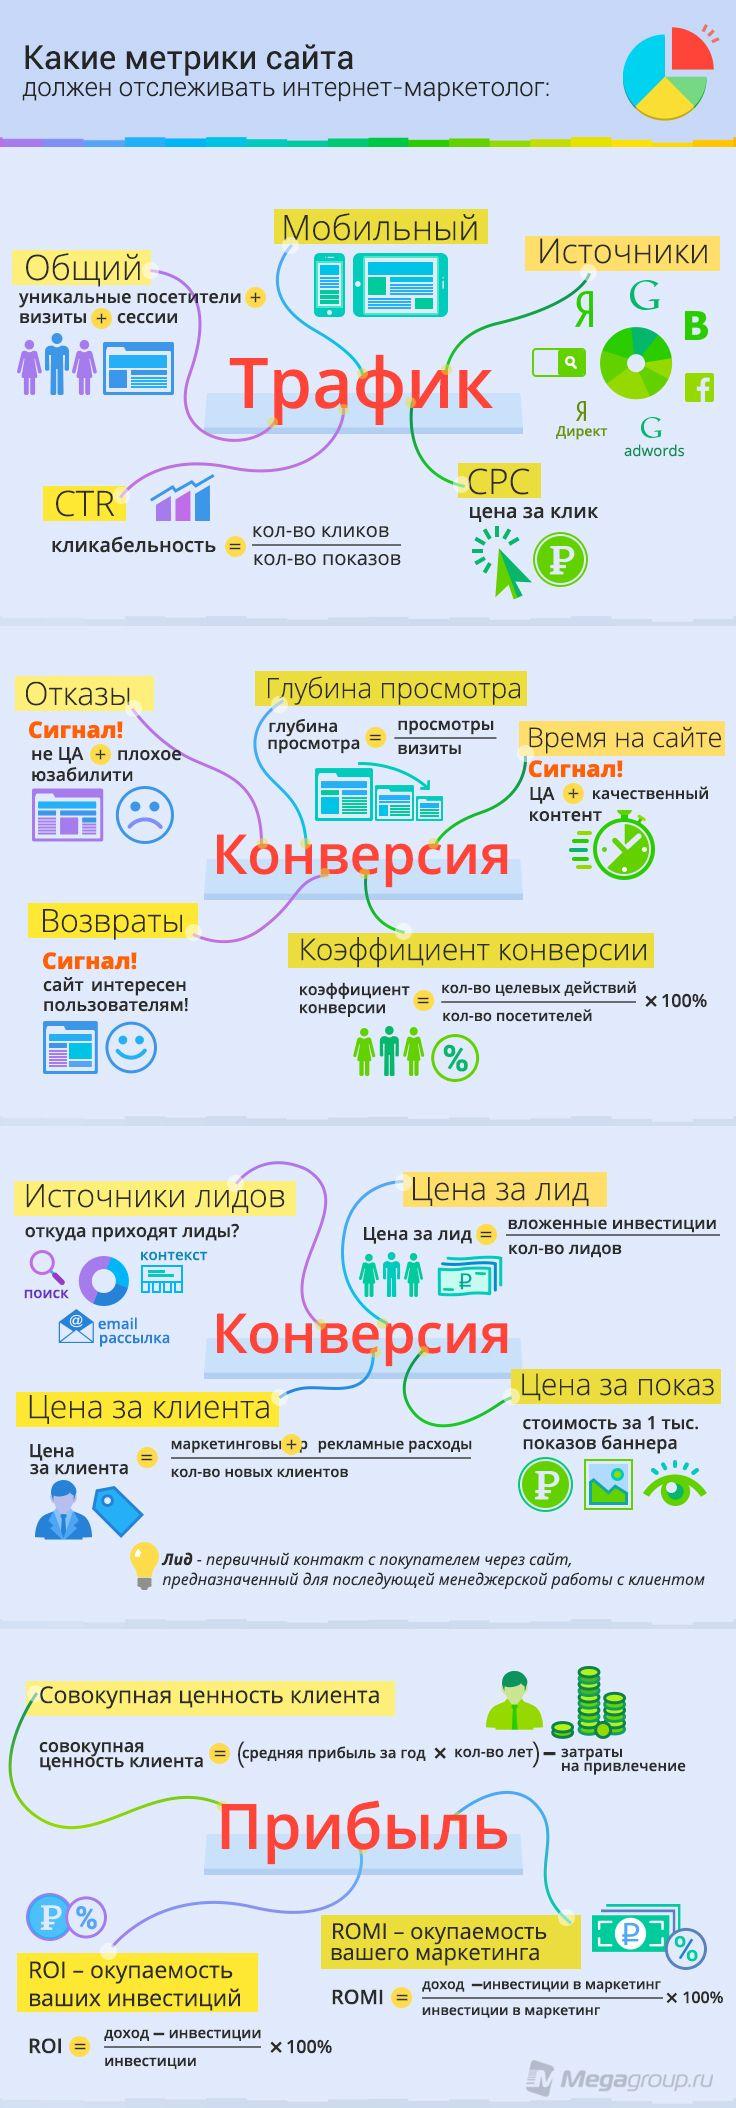 Основные метрики, которые обязан отслеживать в процессе своей работы каждый уважающий себя интернет-маркетолог!